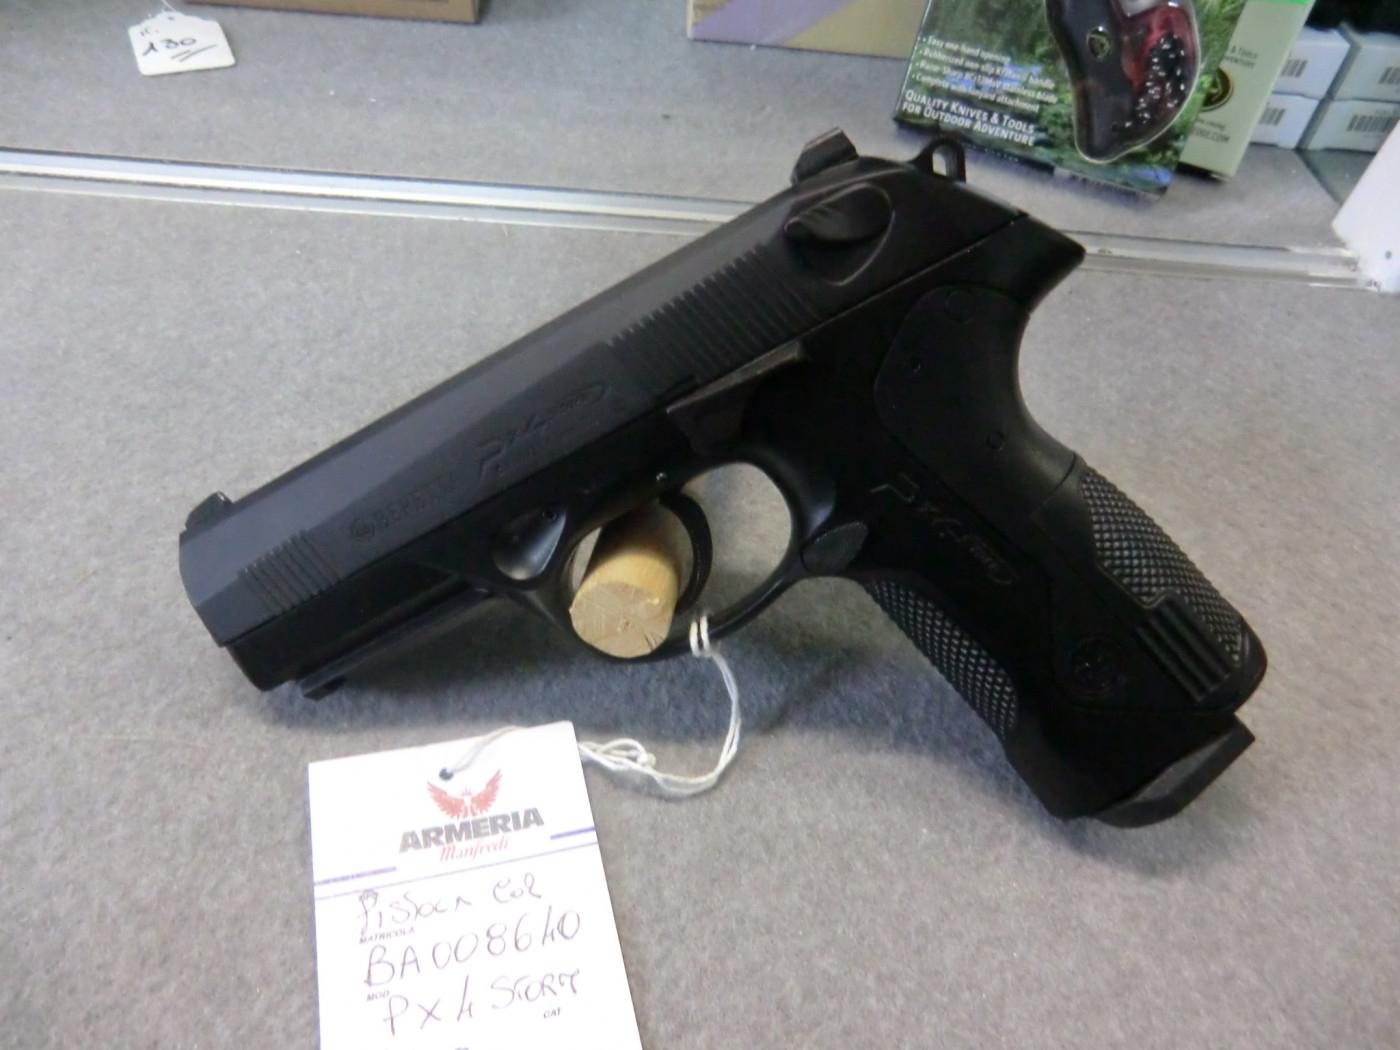 Beretta modello px4 storm calibro 4.5